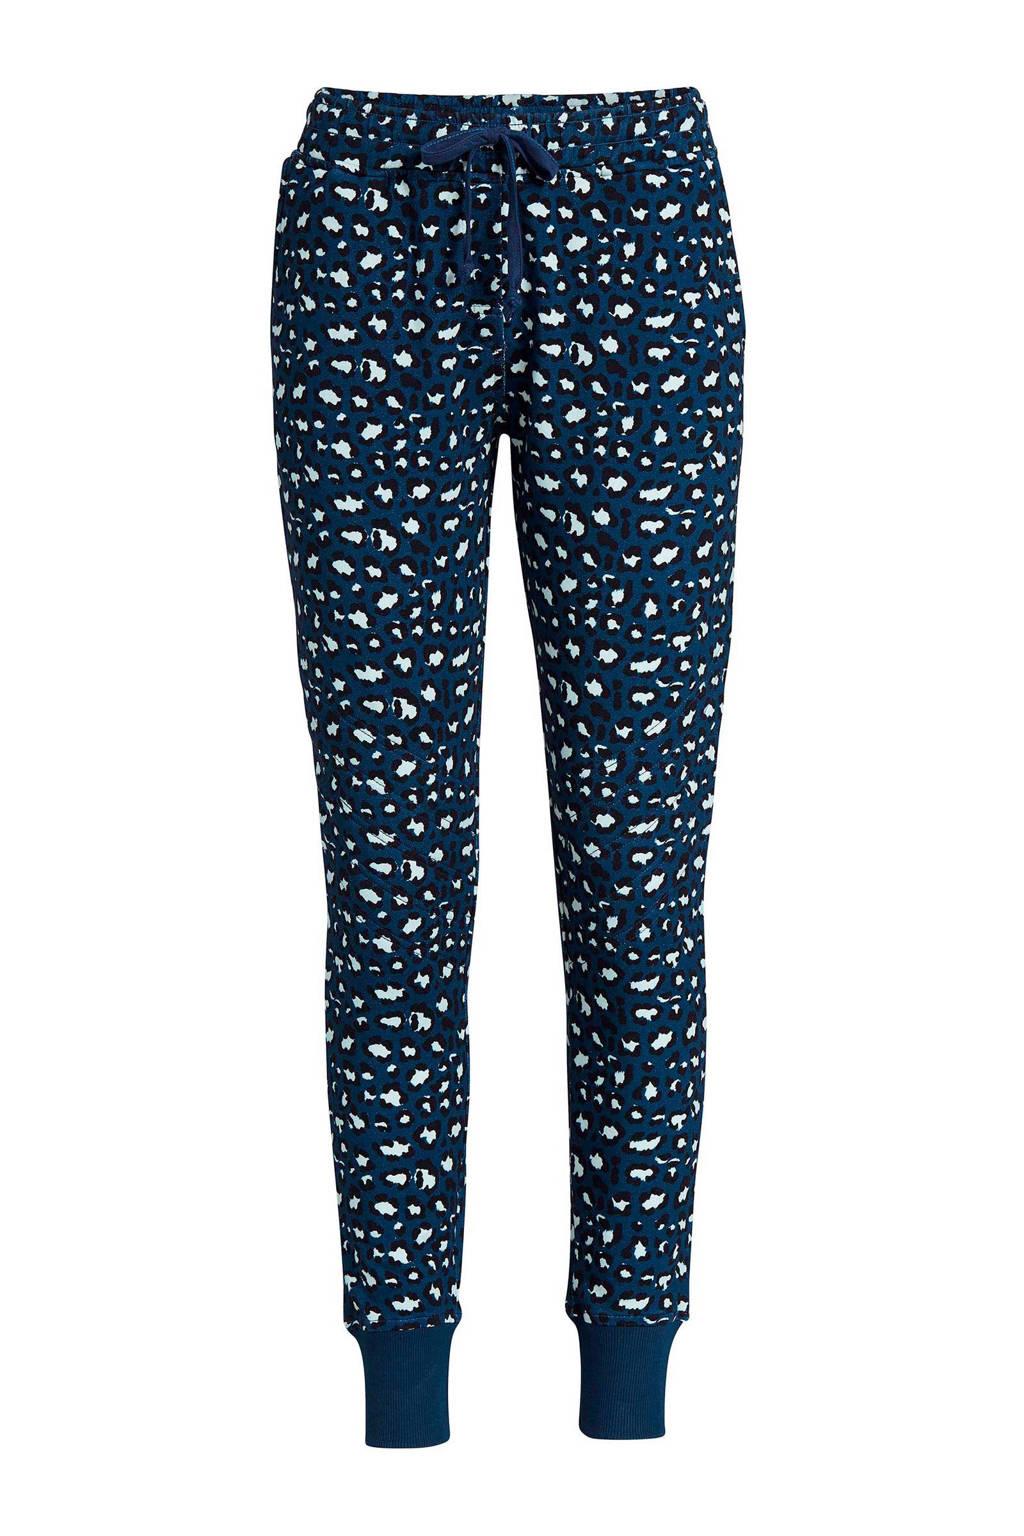 Essenza loungebroek met luipaardprint blauw/zwart, Blauw/zwart/ecru